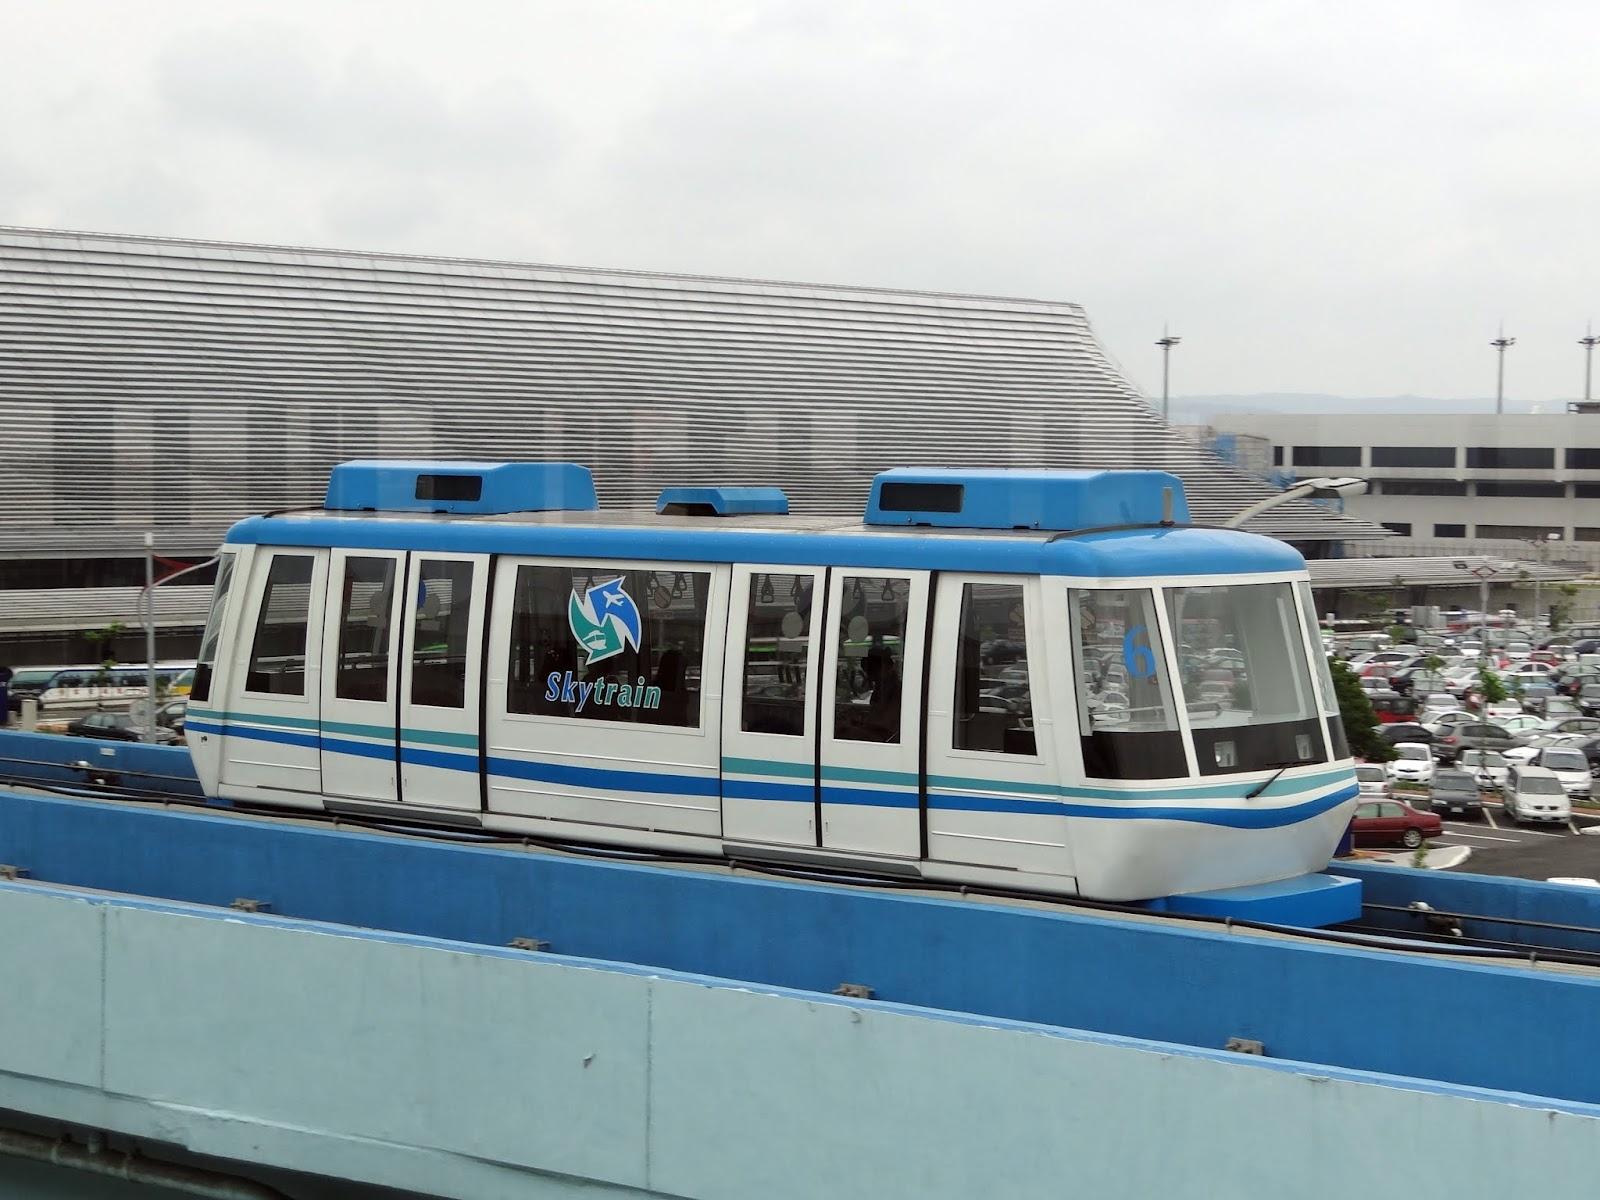 桃園國際機場旅客自動電車輸送系統 Skytrain